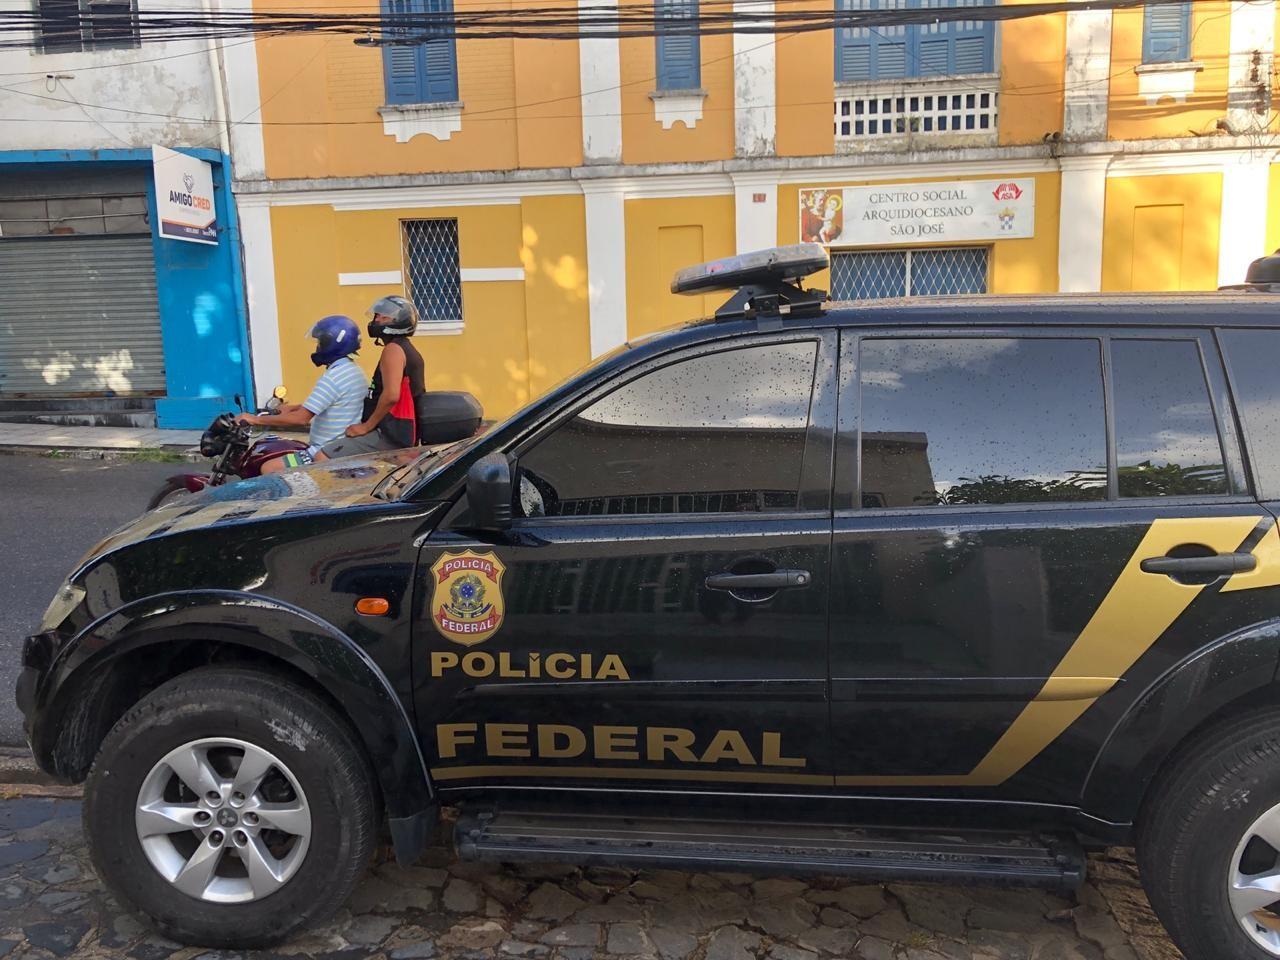 PF da PB cumpre 61 mandados para desarticular organização criminosa que atua em presídios